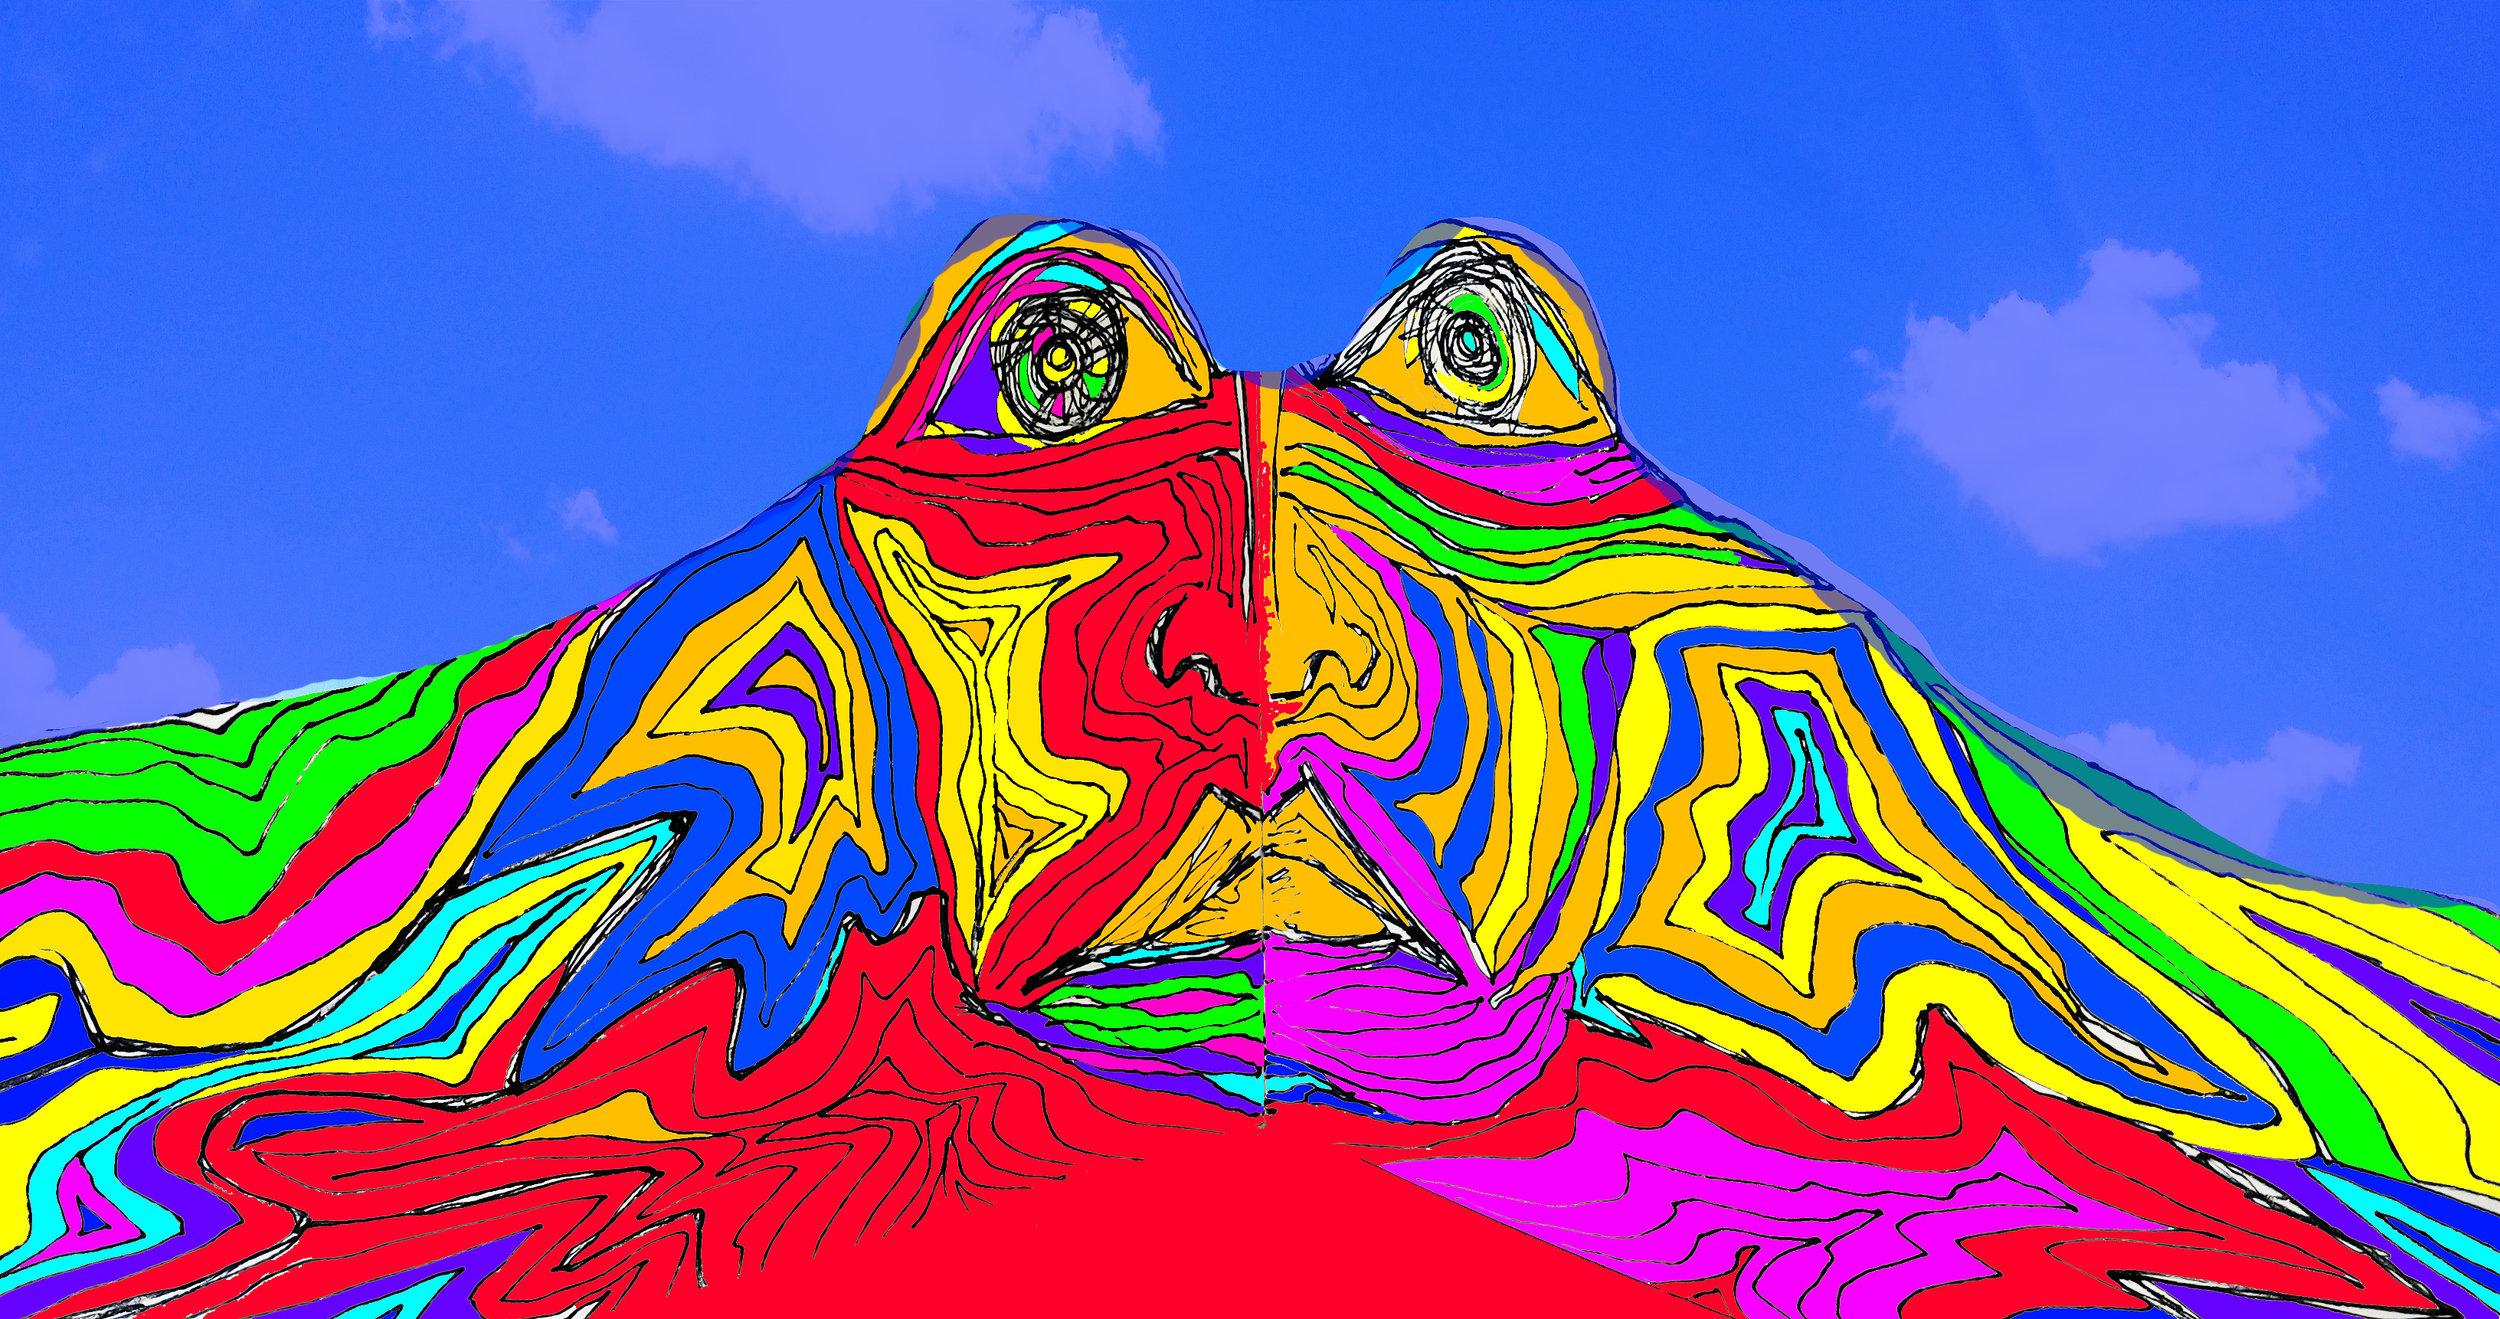 Artworks_Olivia_Inwood_Page_4_Image_0001.jpg